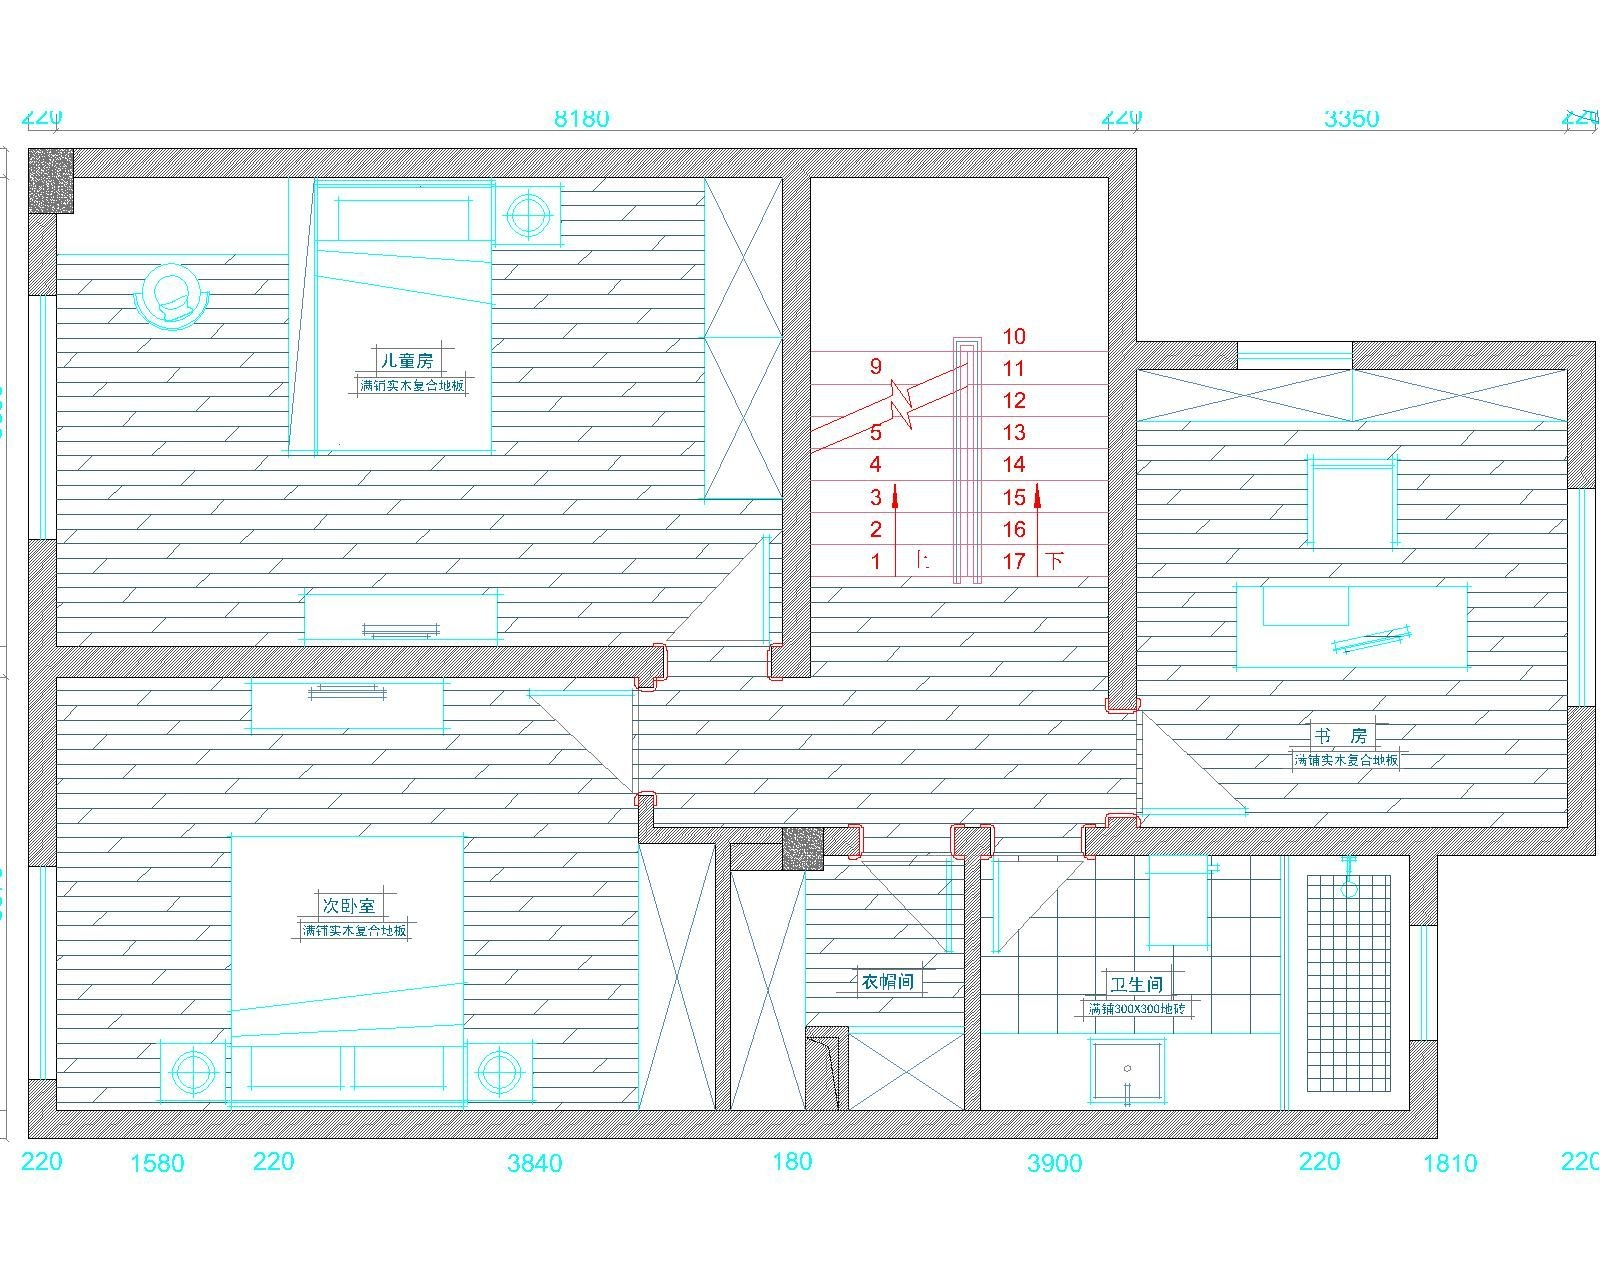 安亭瑞士华庭别墅欧式风格设计装修效果图